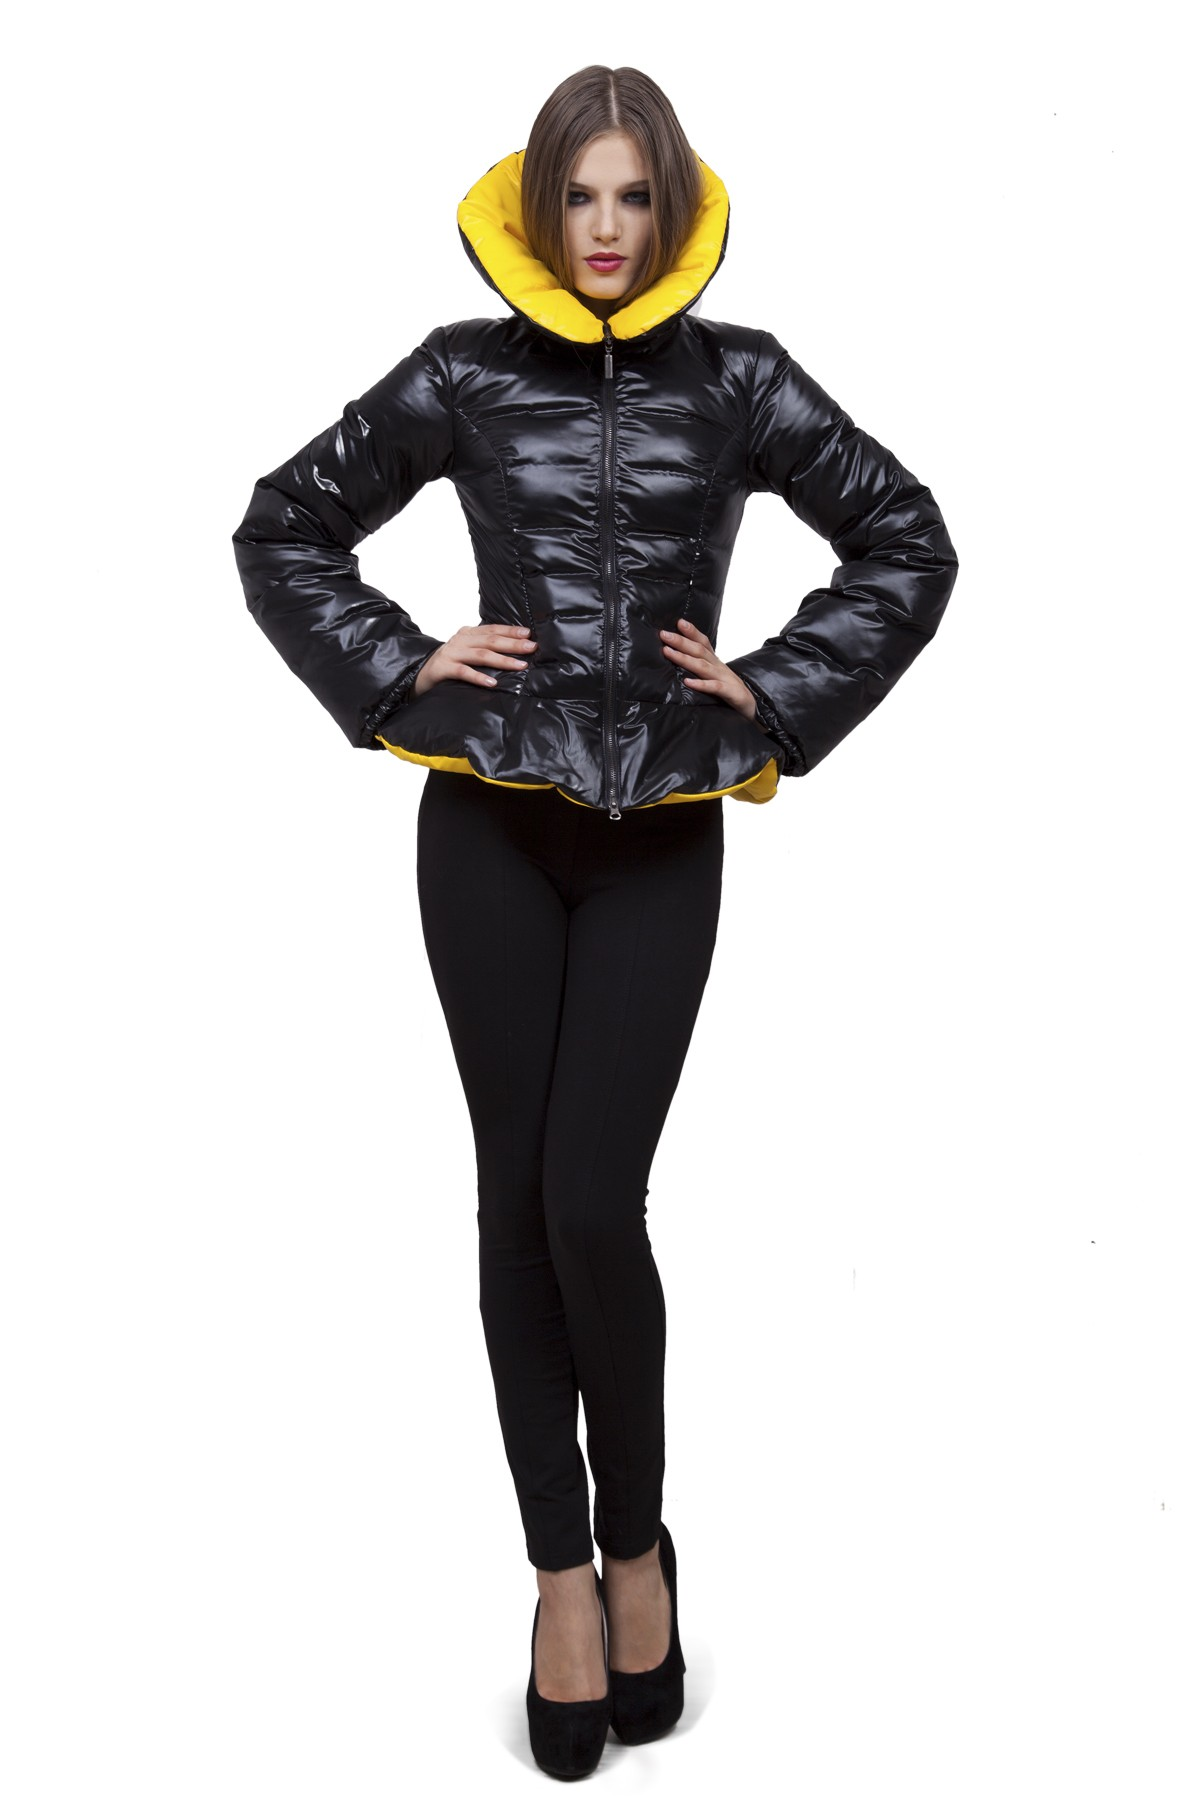 ПуховикЗимние куртки, пальто, пуховики<br>Если Вы любите тепло и уют, тогда Вам идеально подойдет этот замечательный пуховик. Утеплитель из высококачественного 100 % российского гусиного  пуха обеспечивает хорошую терморегуляцию и максимальный уровень комфорта. <br><br>Цвет: черный, желтый<br>Состав: ткань: 100% полиэстер, подкладка: 100% полиэстер, утеплитель: 100% пух<br>Размер: 42,44,46,48,50,52,54,56<br>Страна дизайна: Россия<br>Страна производства: Россия